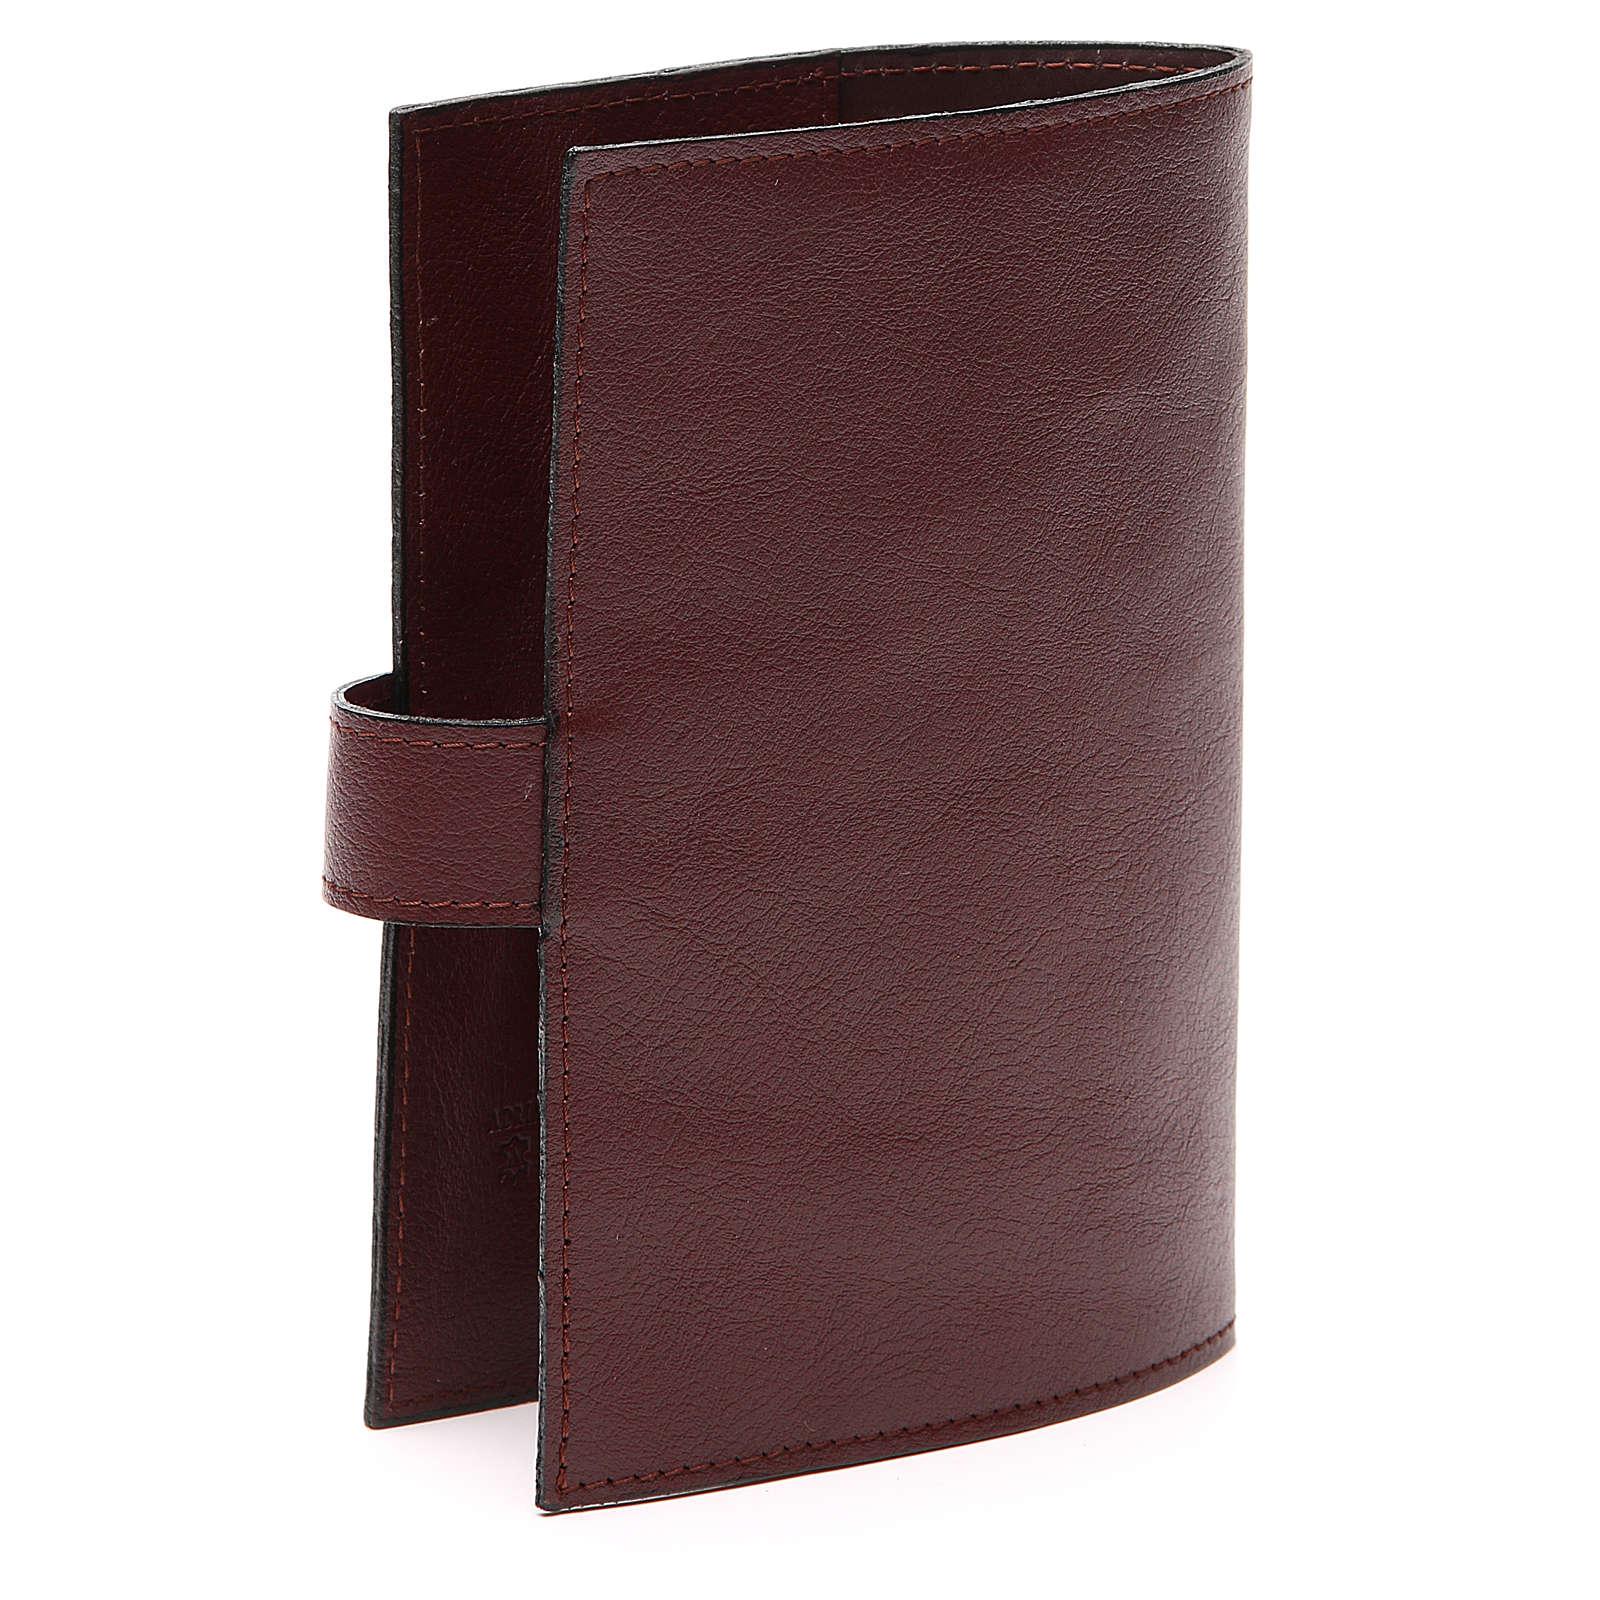 Couv. Lit. 4 vol. cuir brun foncé Christ Miséricordieux 4